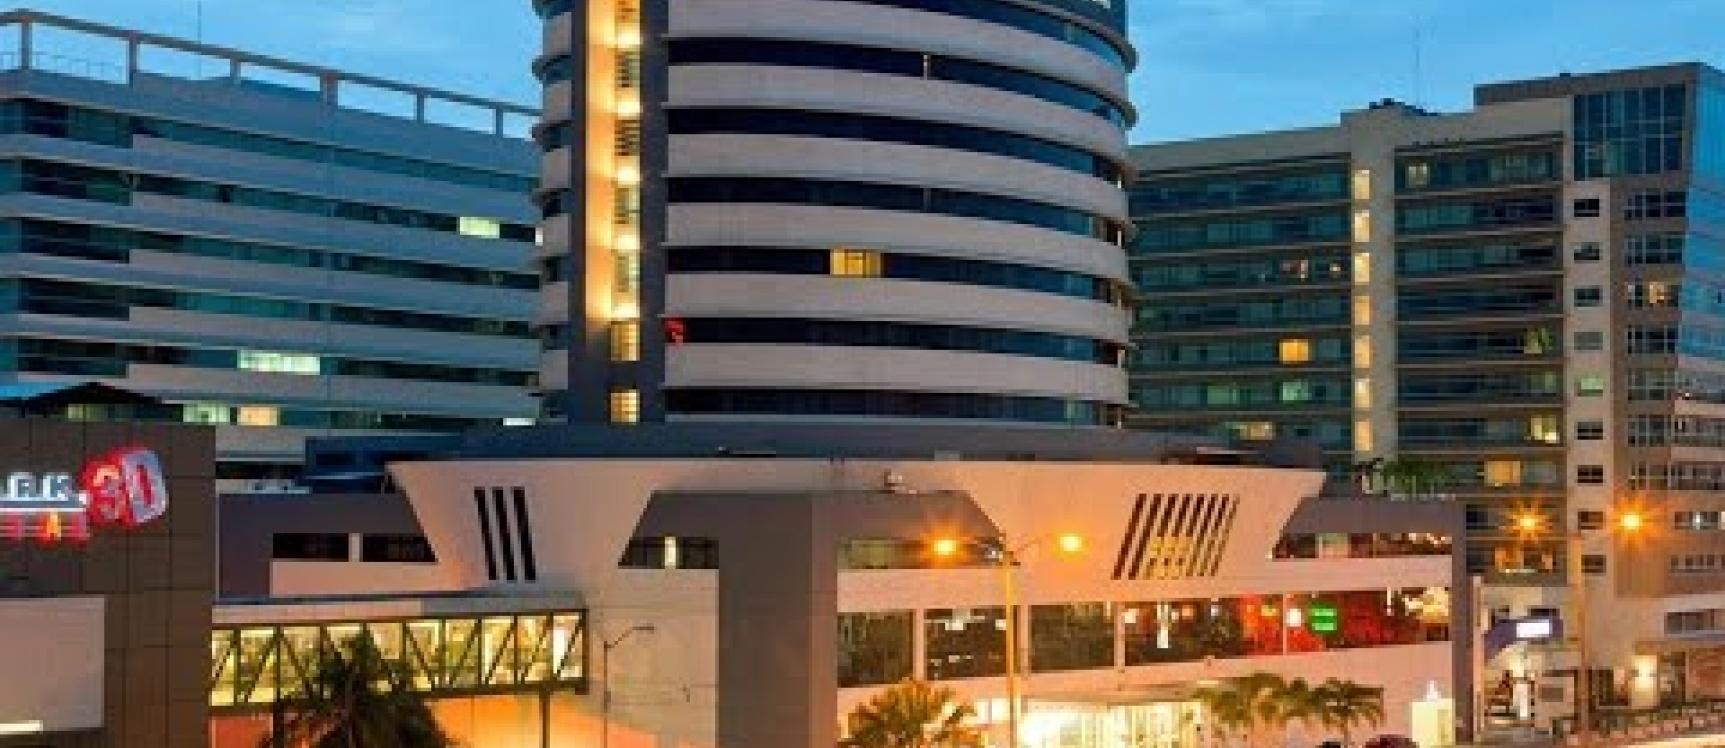 GeoBienes - Local Comercial en Alquiler Galería Sonesta, zona Mall del Sol - Plusvalia Guayaquil Casas de venta y alquiler Inmobiliaria Ecuador